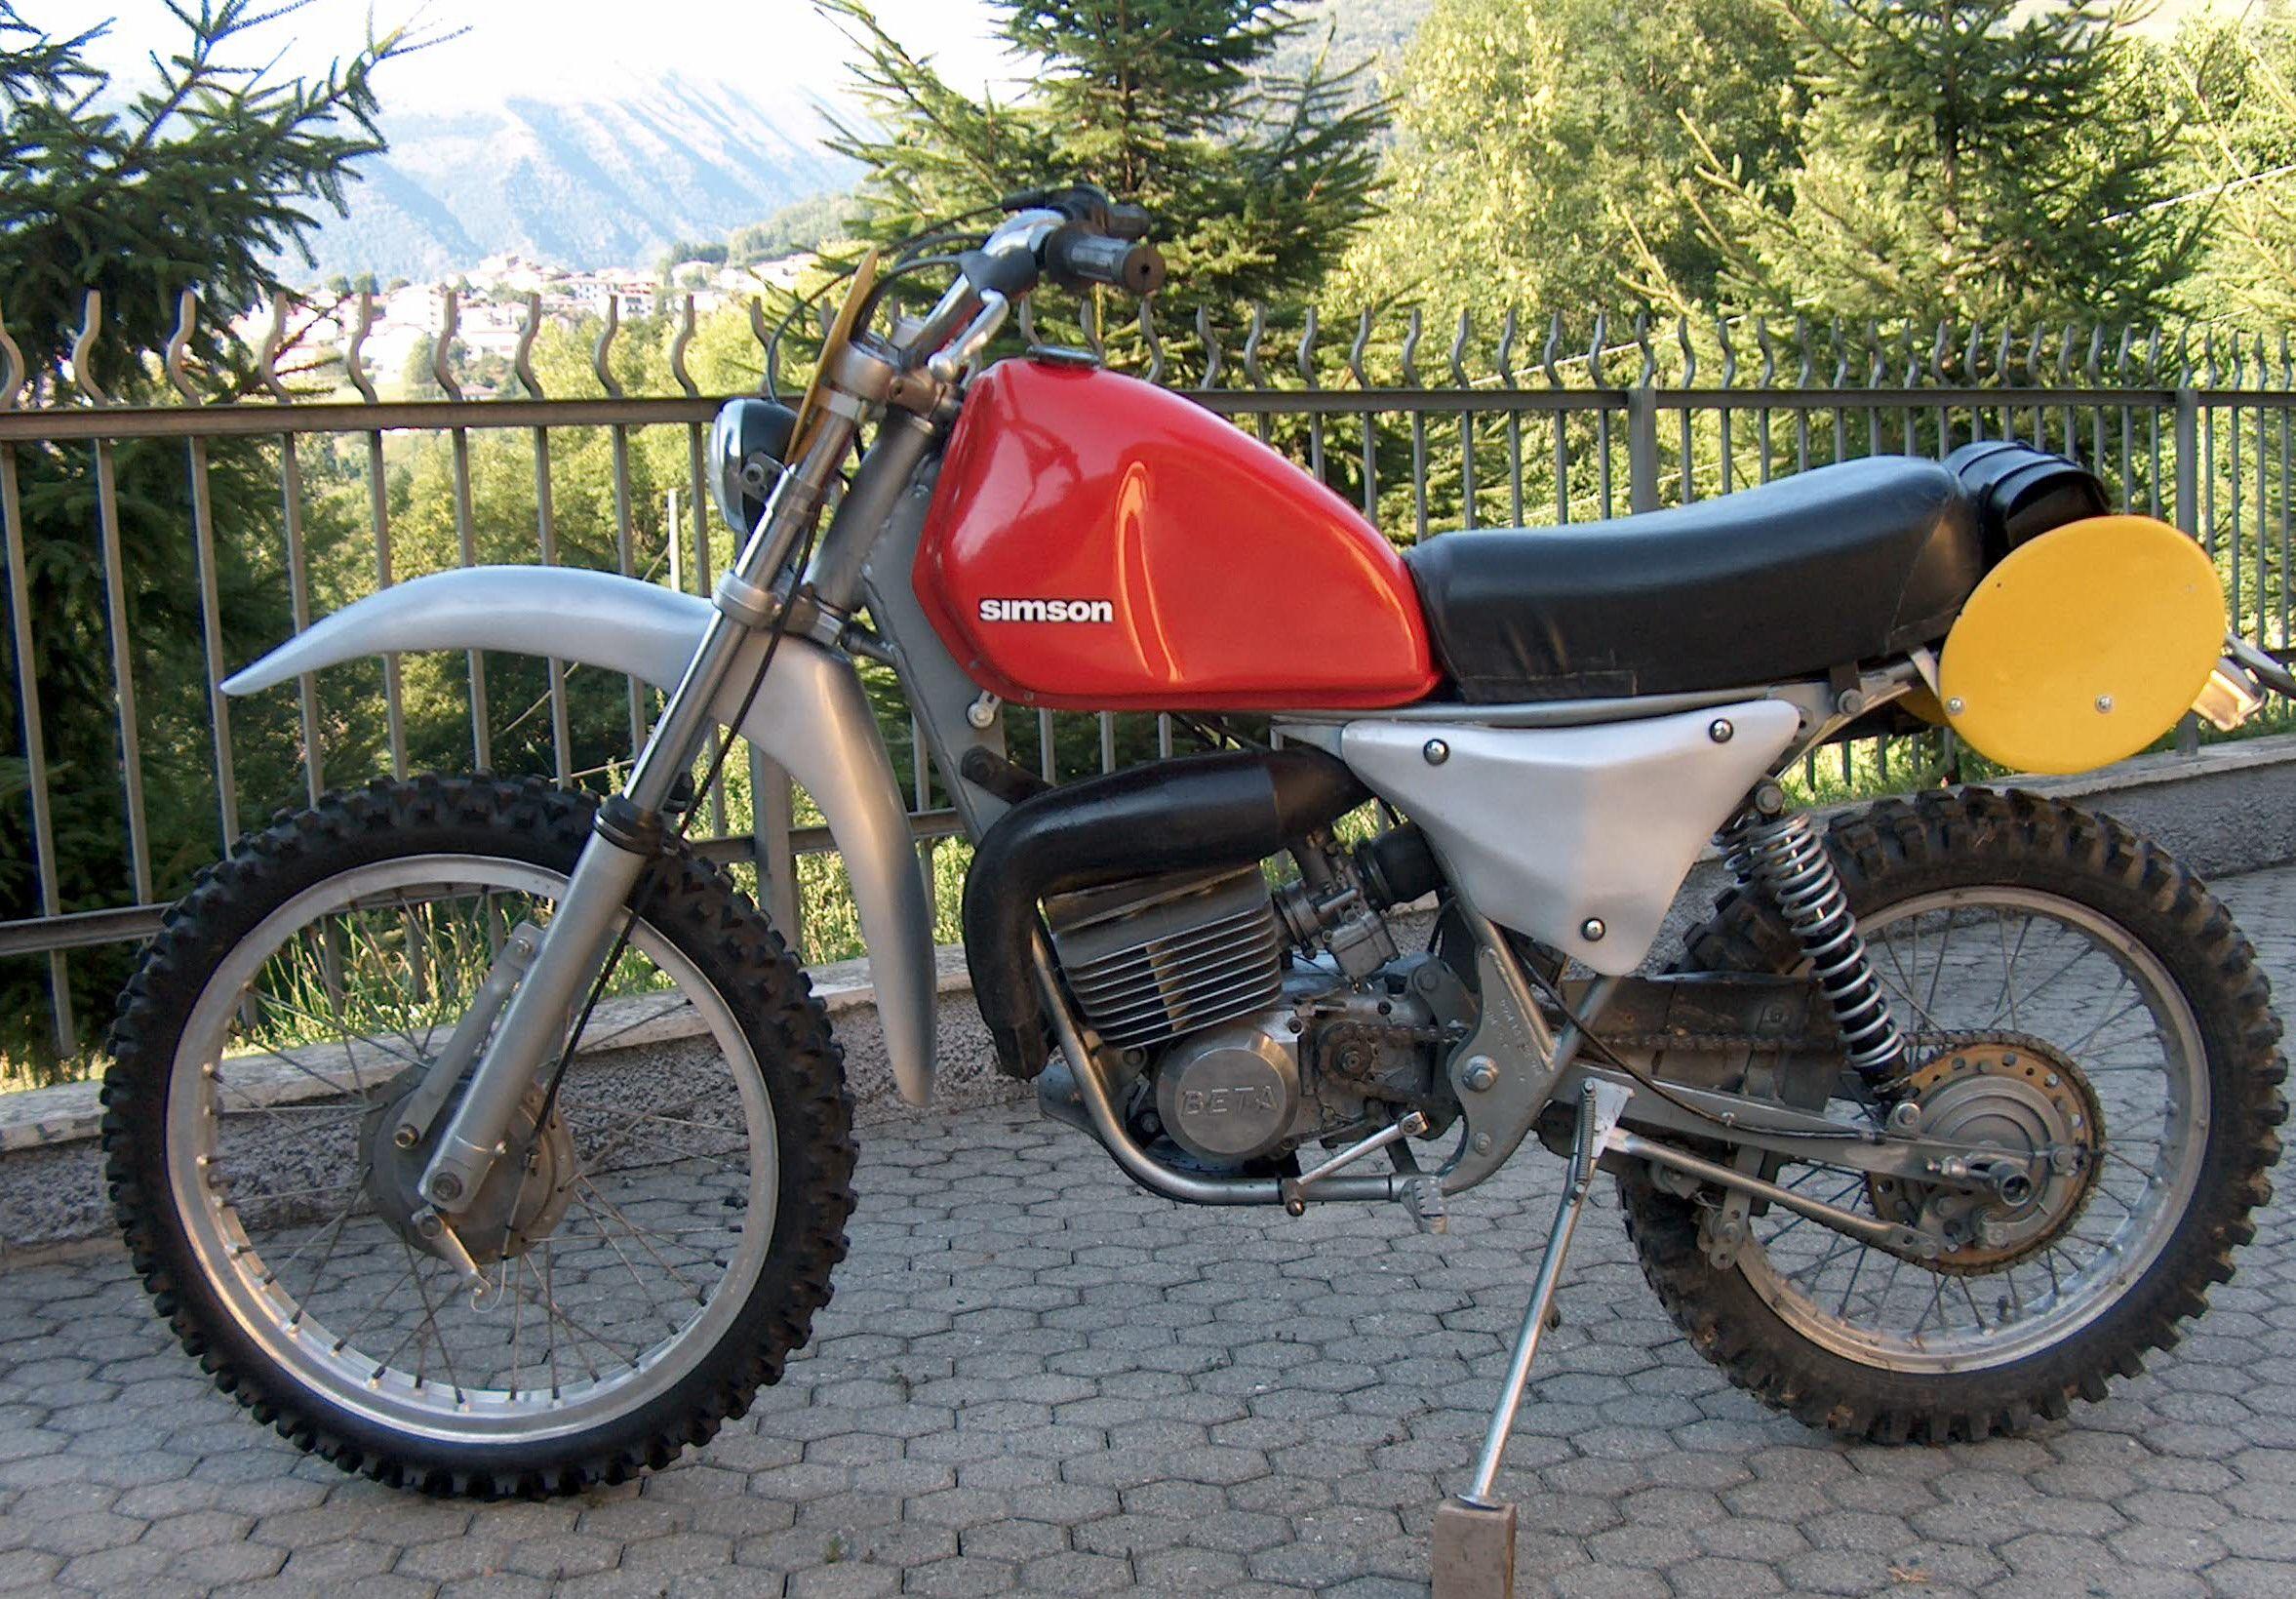 Estetica Simson 1972/76 Meccanica Beta 125GS 1975